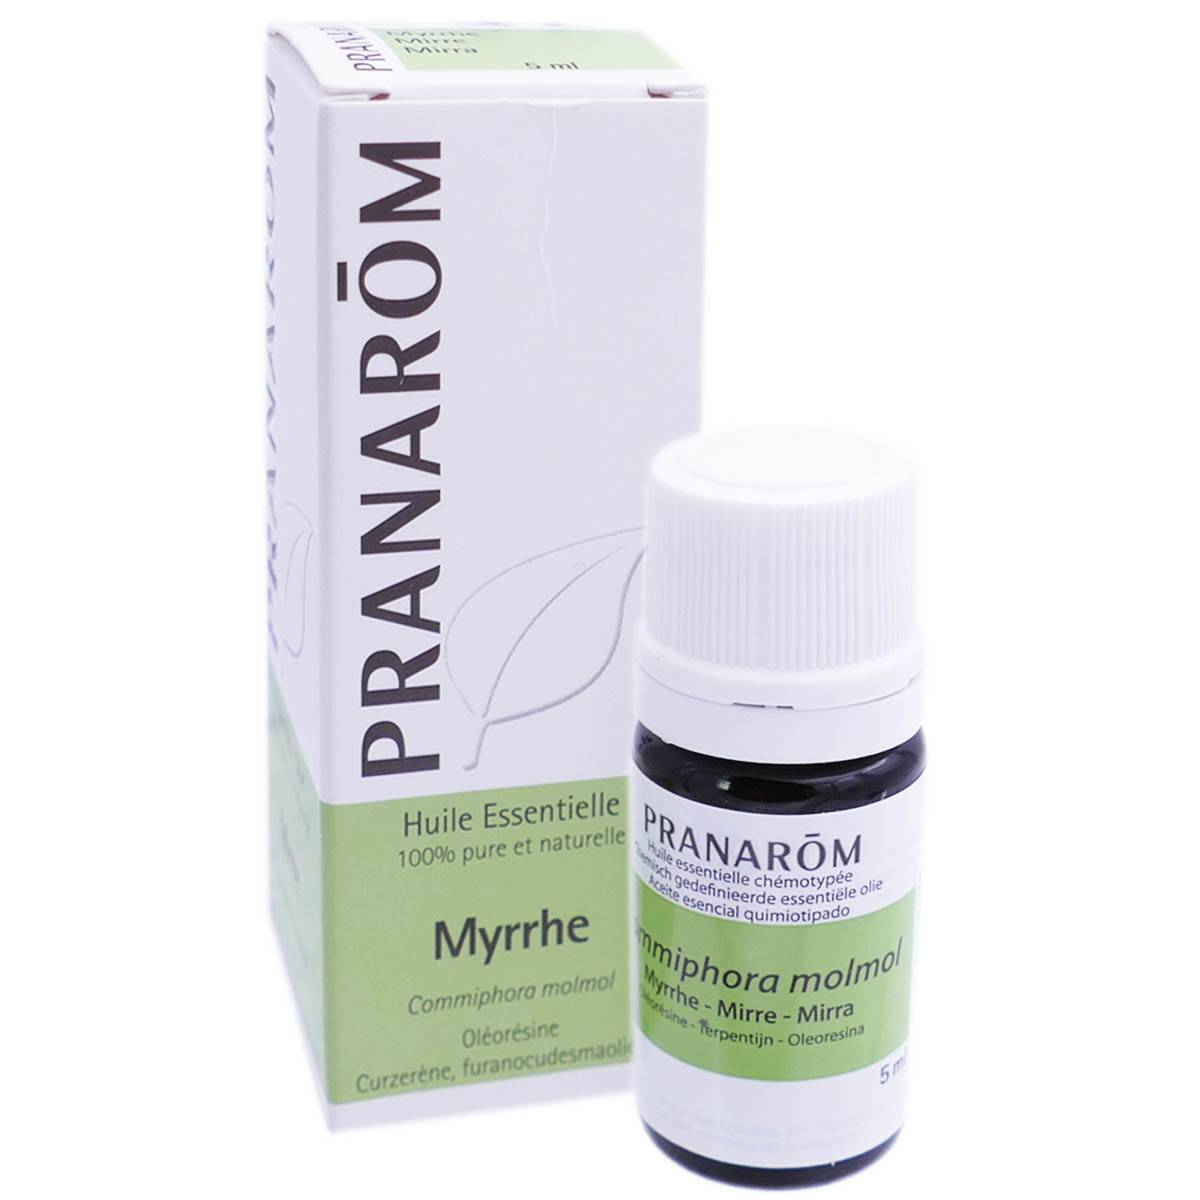 Pranarom huile essentielle myrrhe 5ml